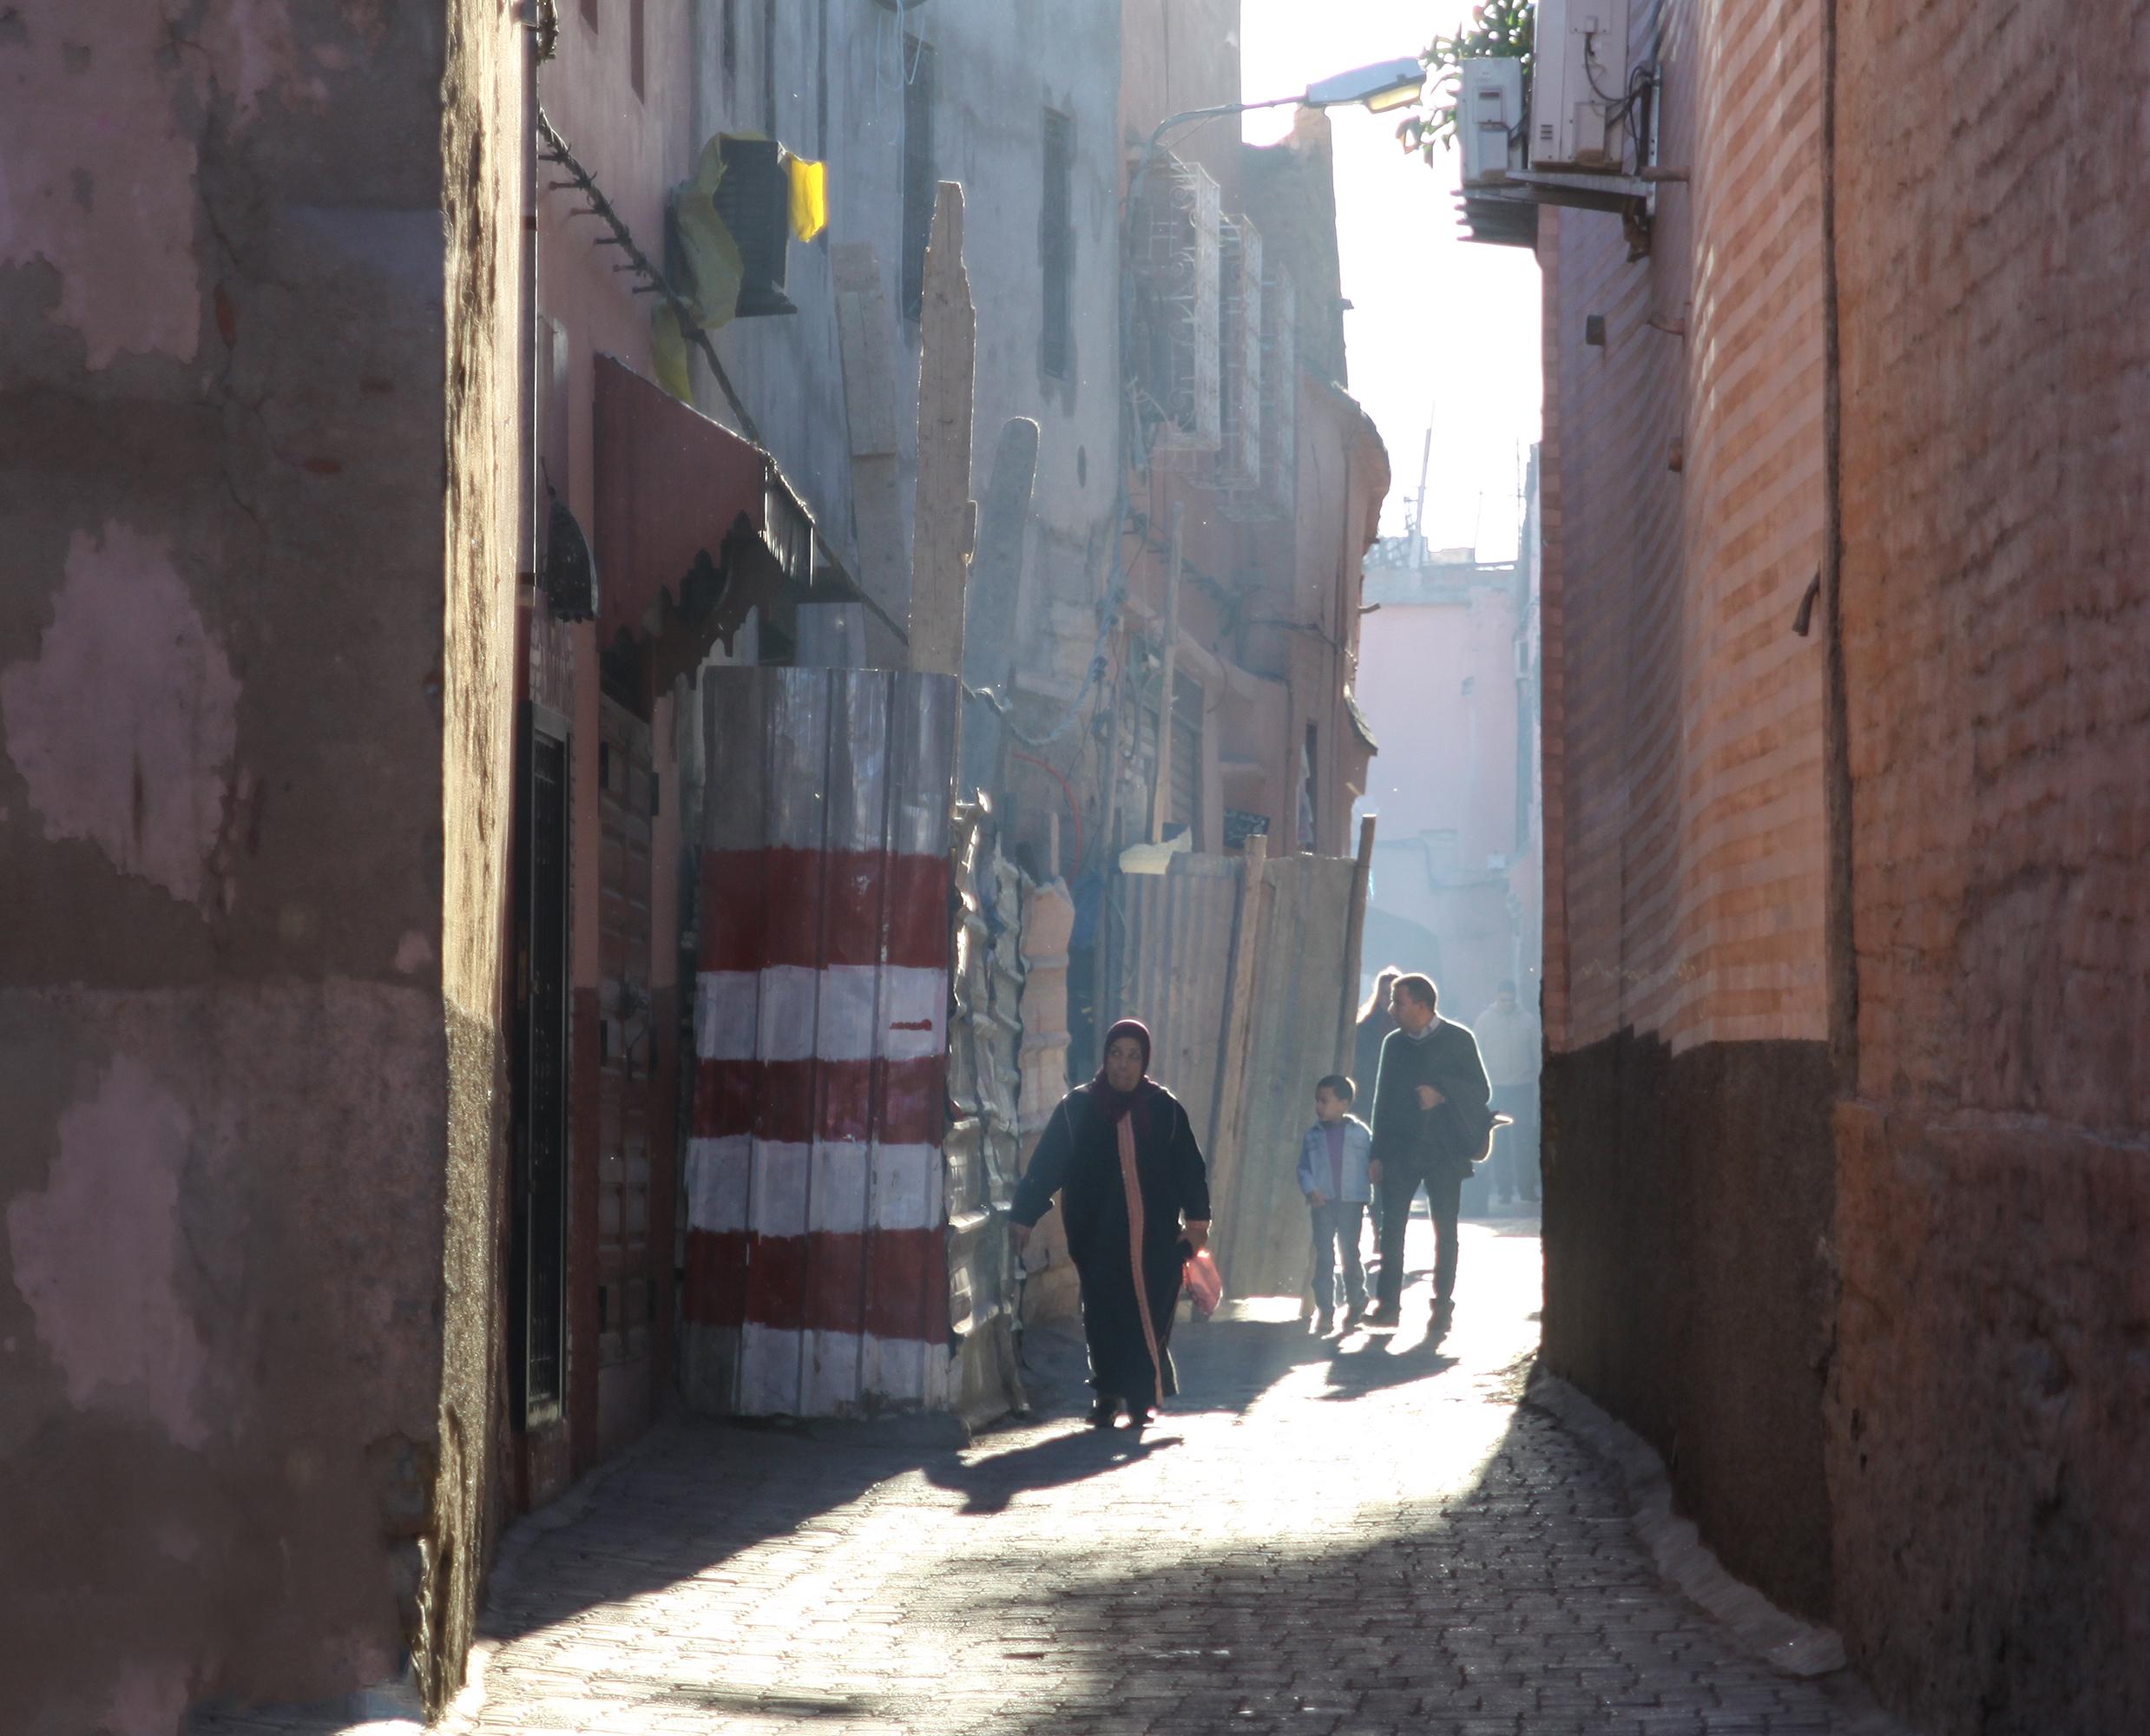 Morocco - Marrakech